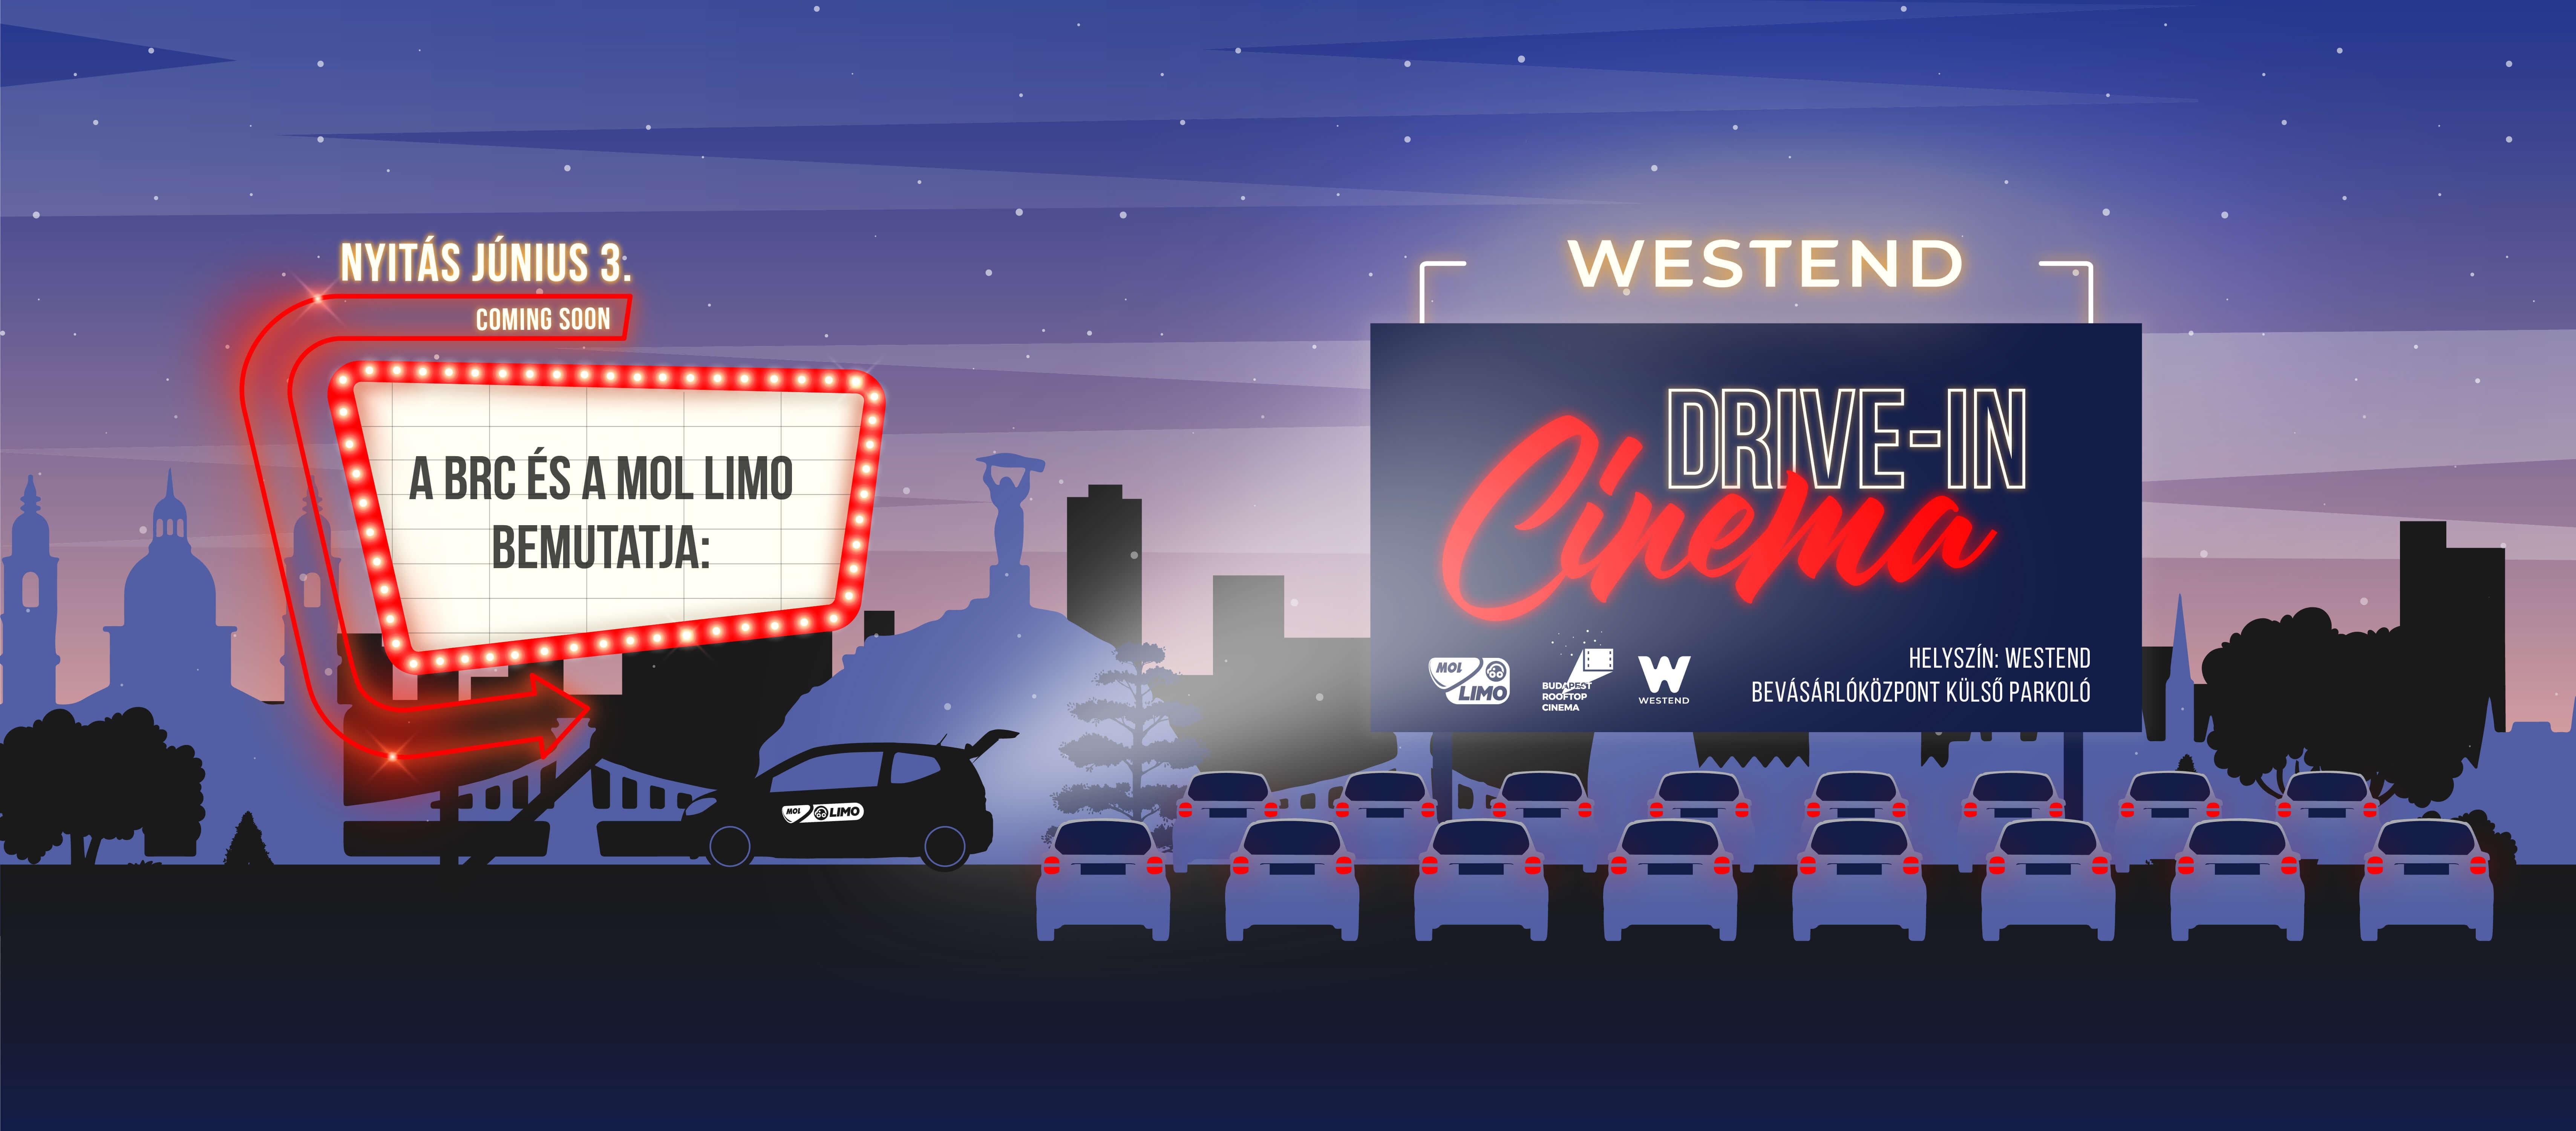 Június 3-án megnyitjuk a Westend Drive-In Cinemát!